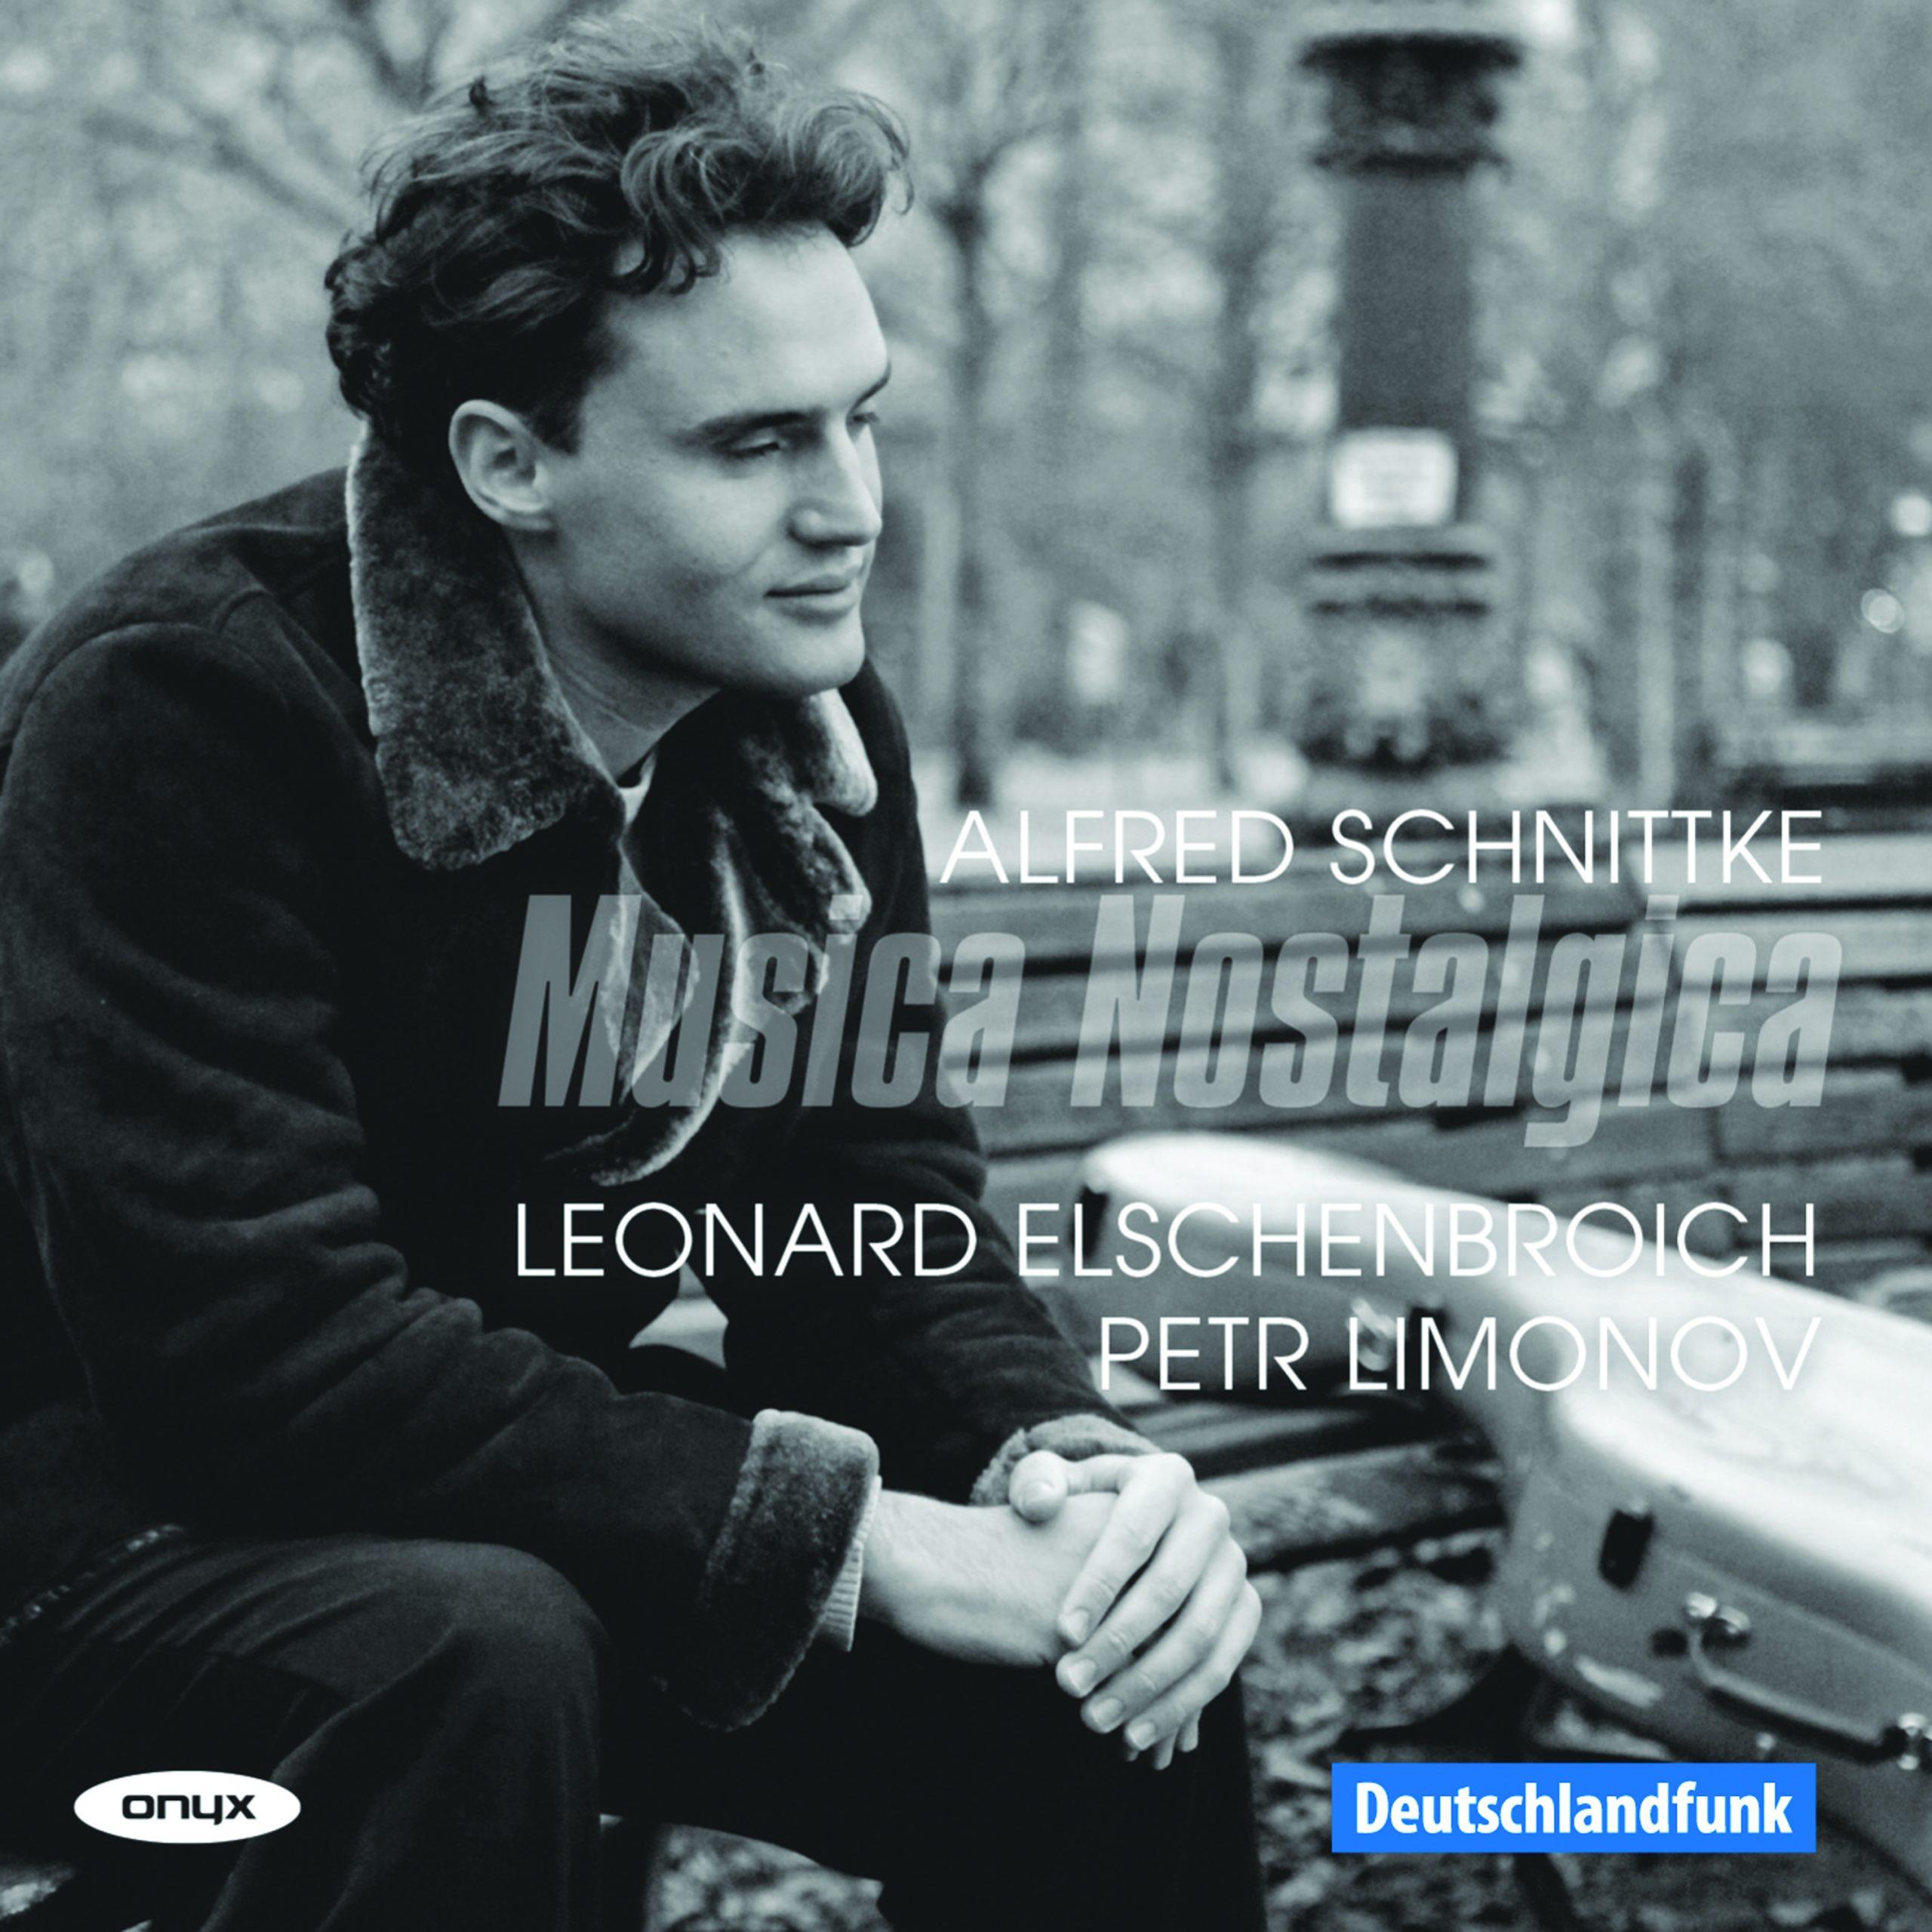 614Leonard Elschenbroich